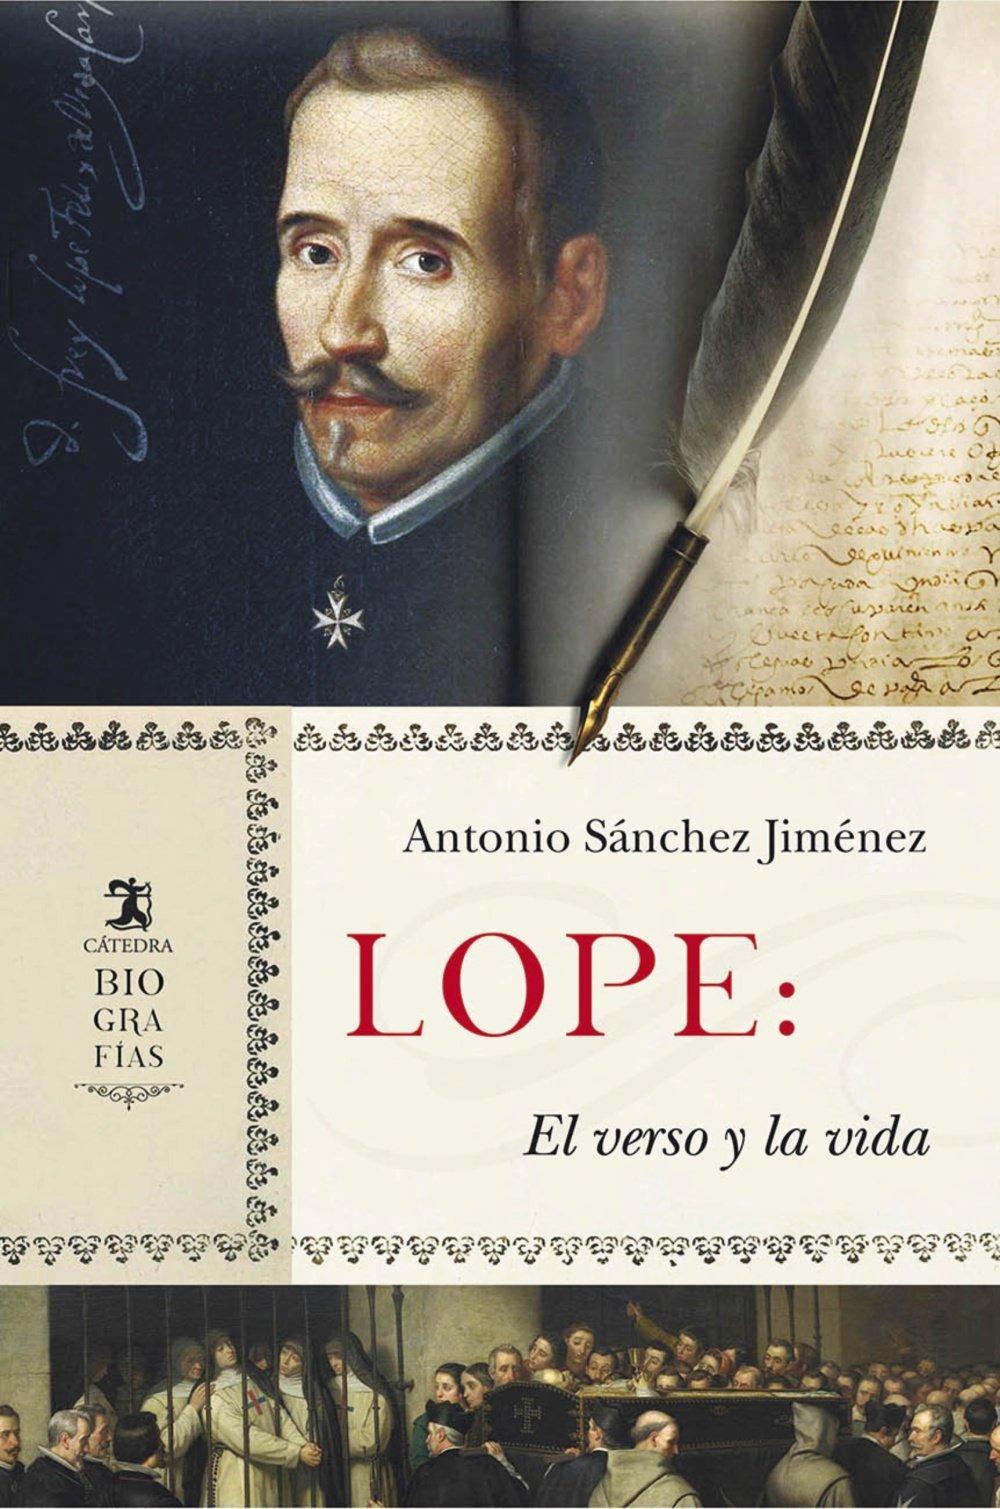 Lope: El verso y la vida, de Antonio Sánchez Jiménez